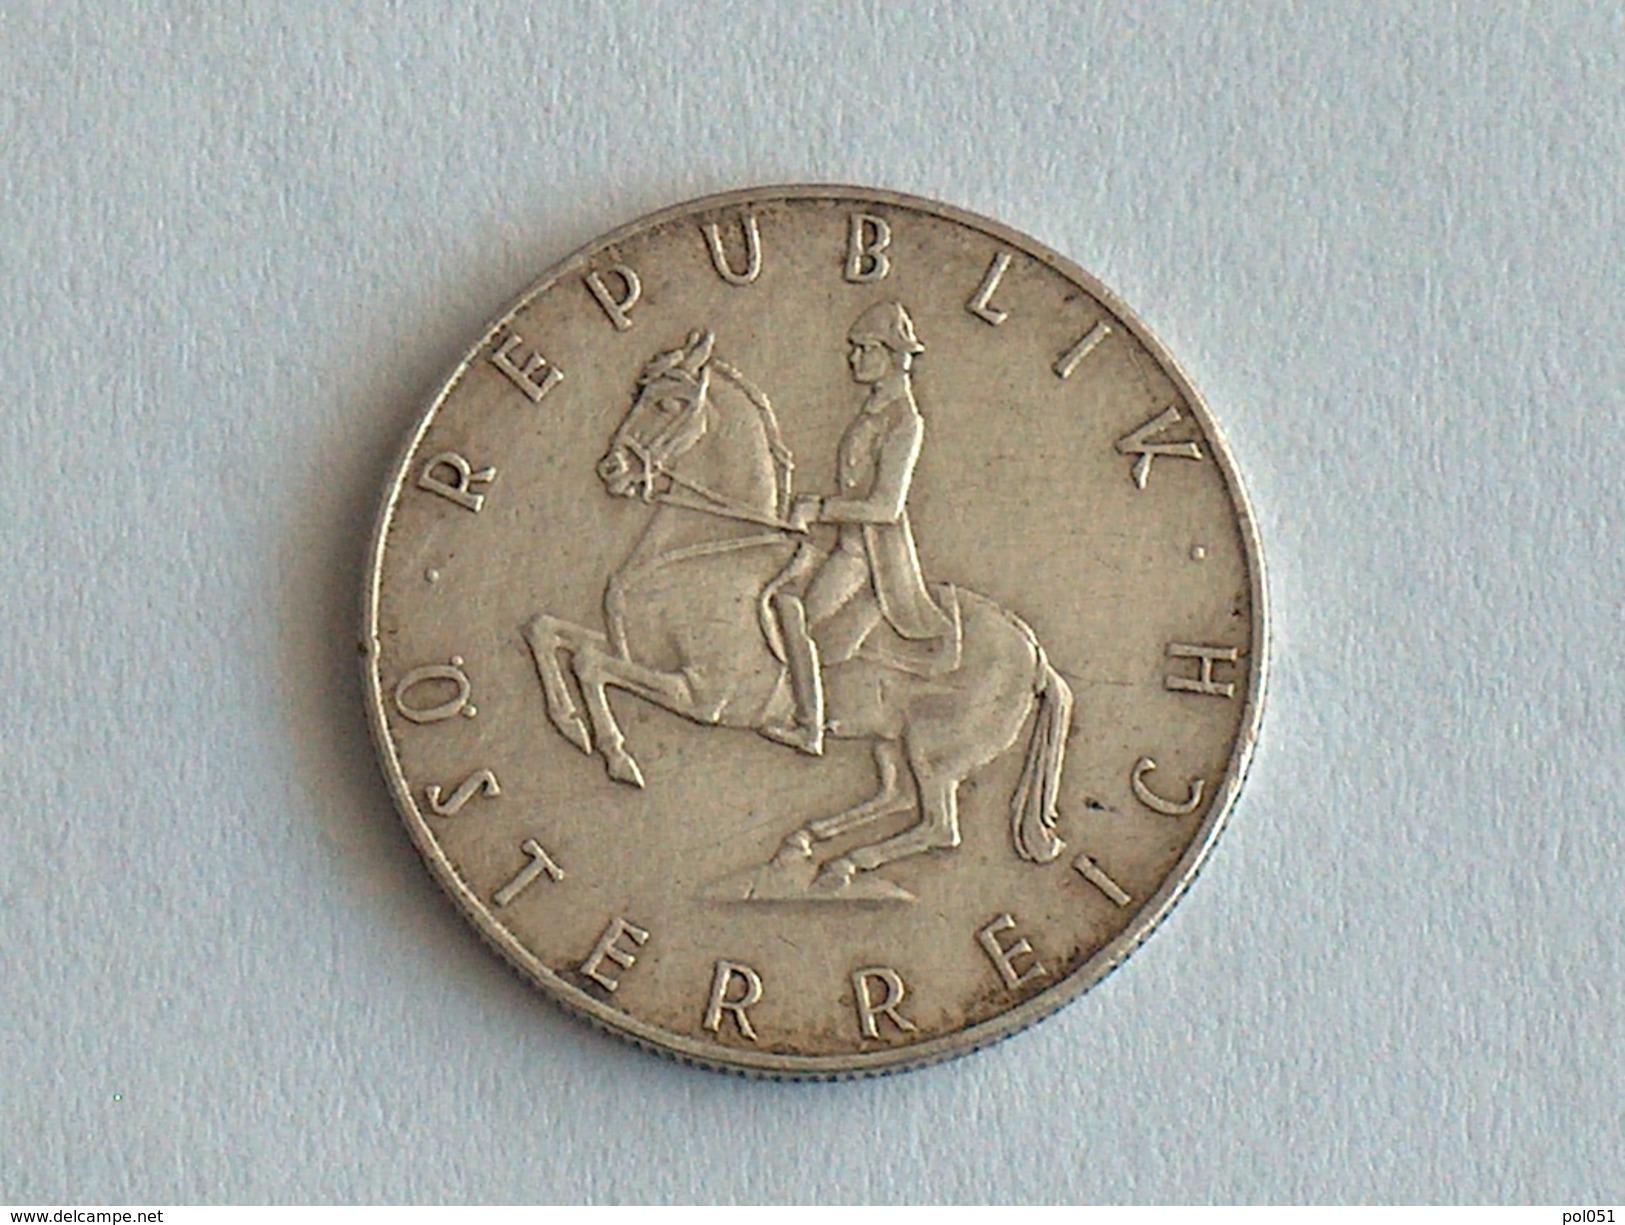 AUTRICHE 5 Schilling 1962 - Silver, Argent - Autriche